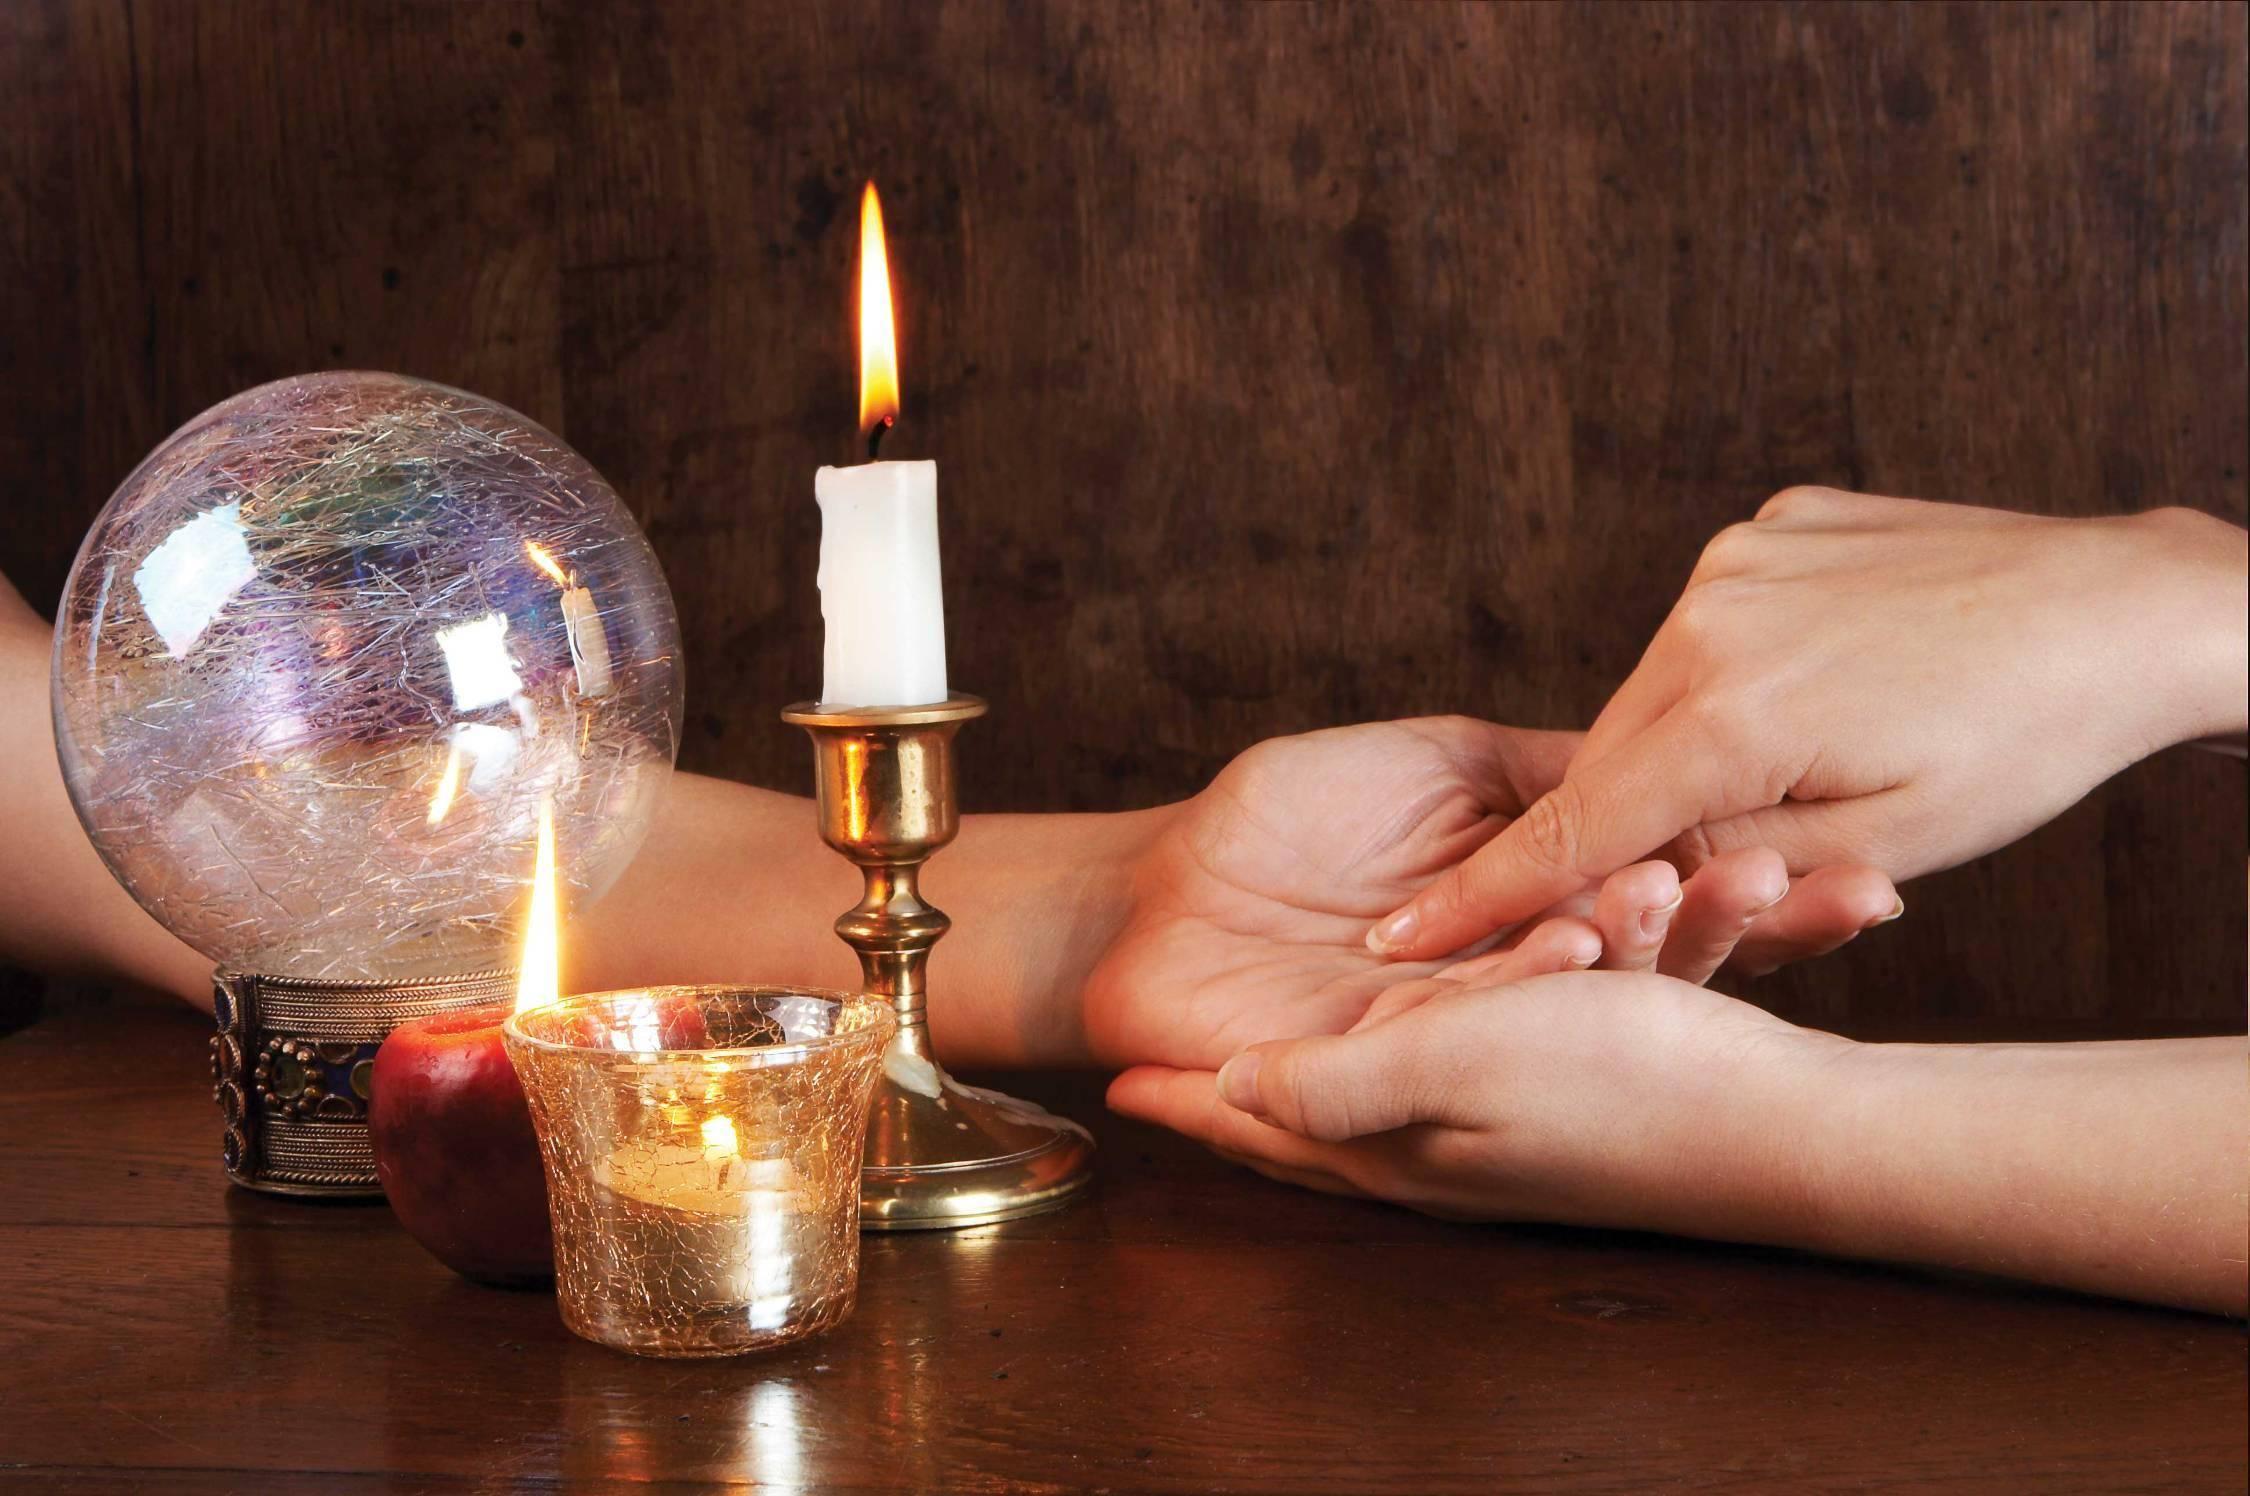 Снятие порчи солью самостоятельно, у какой иконы ставить свечу